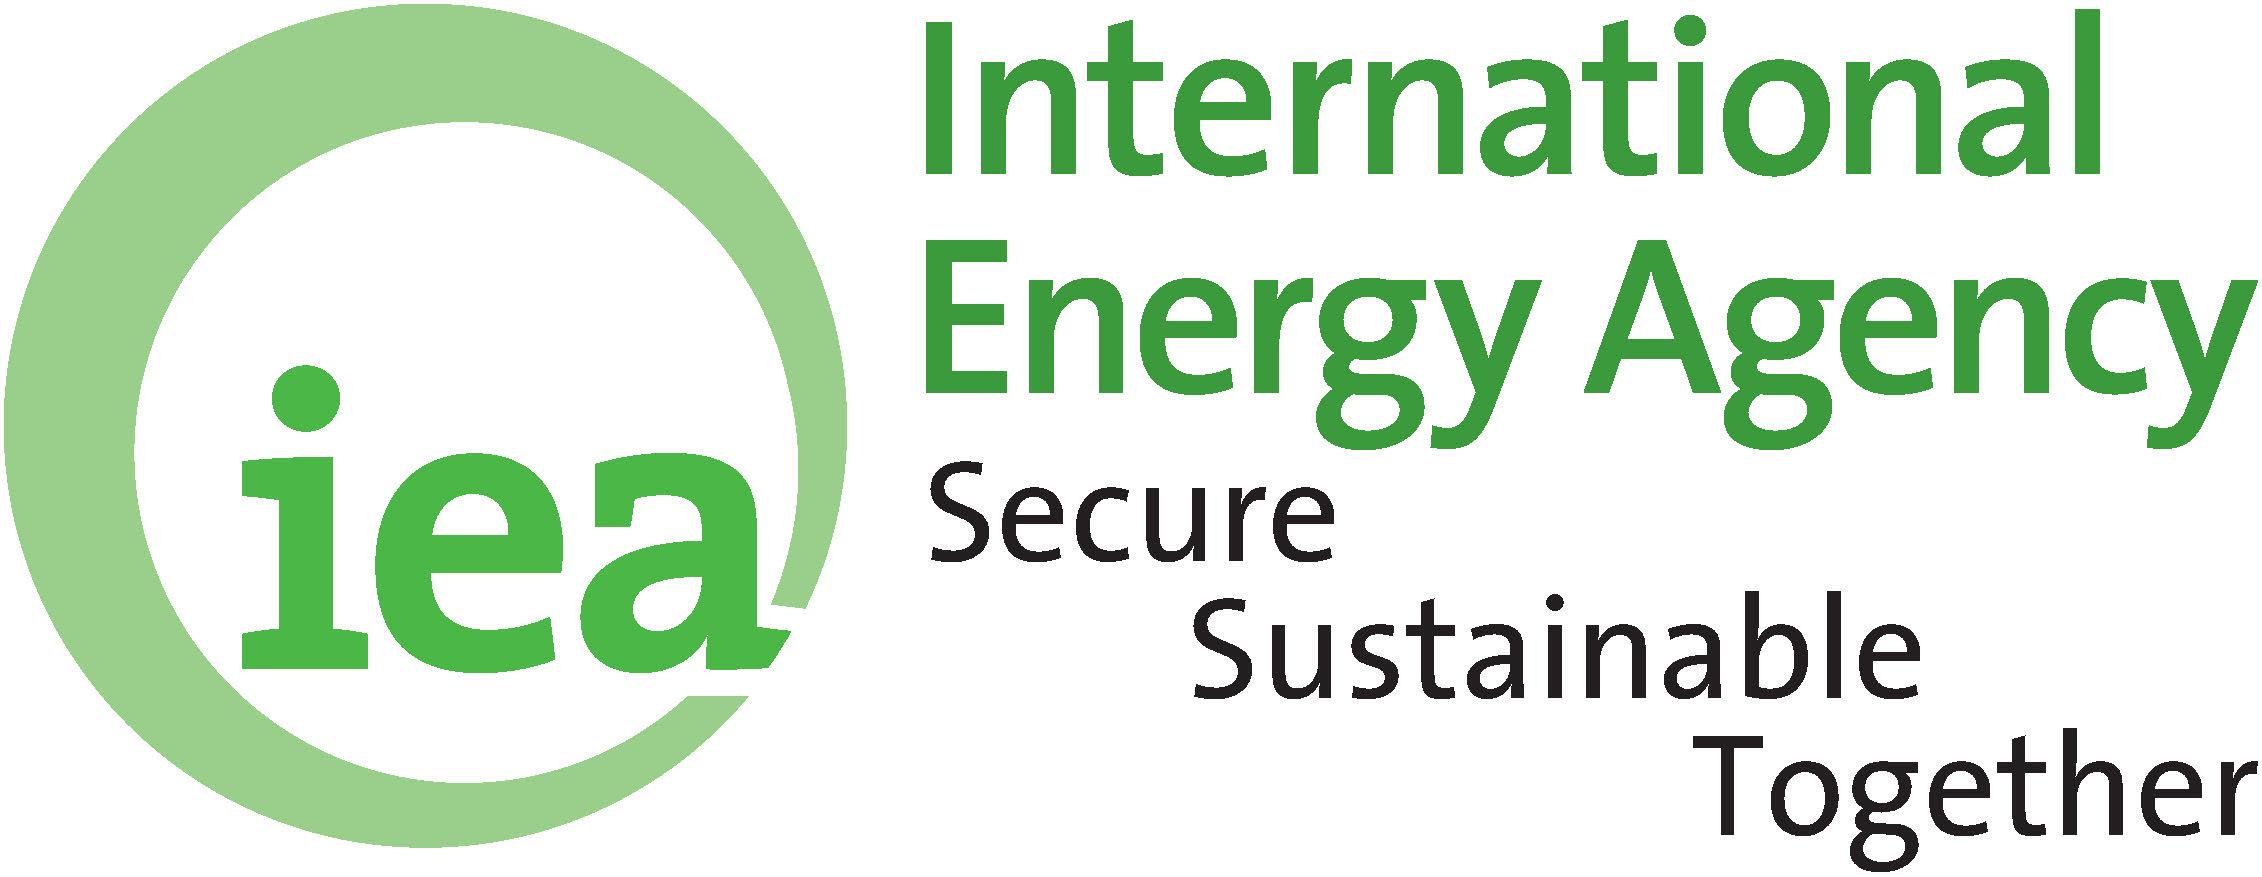 IEA_Logo_Slogan_2015_CMYK_Positive_HR